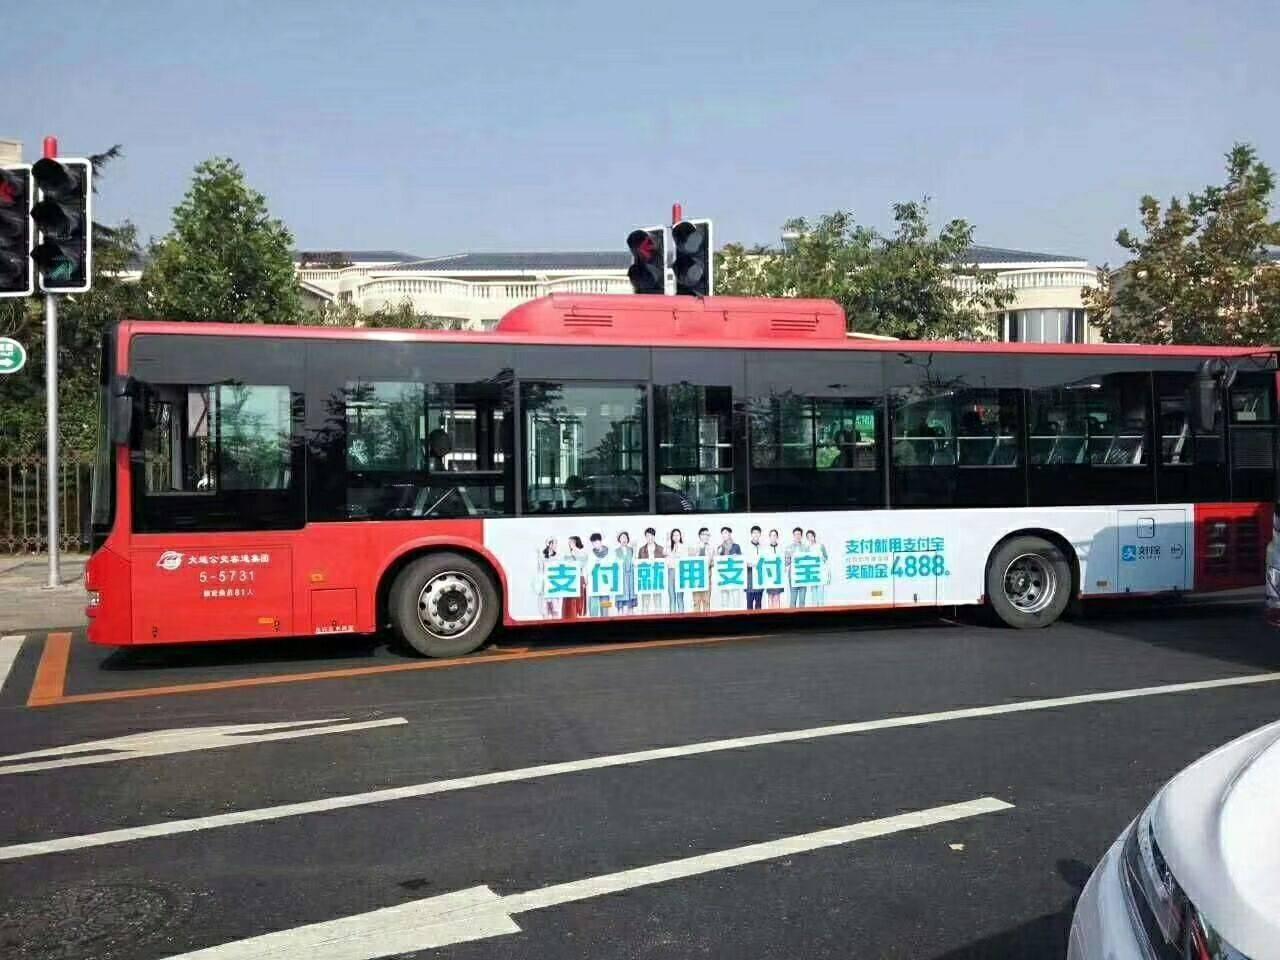 大连公交车体广告 542路/543路/551路【三个月】